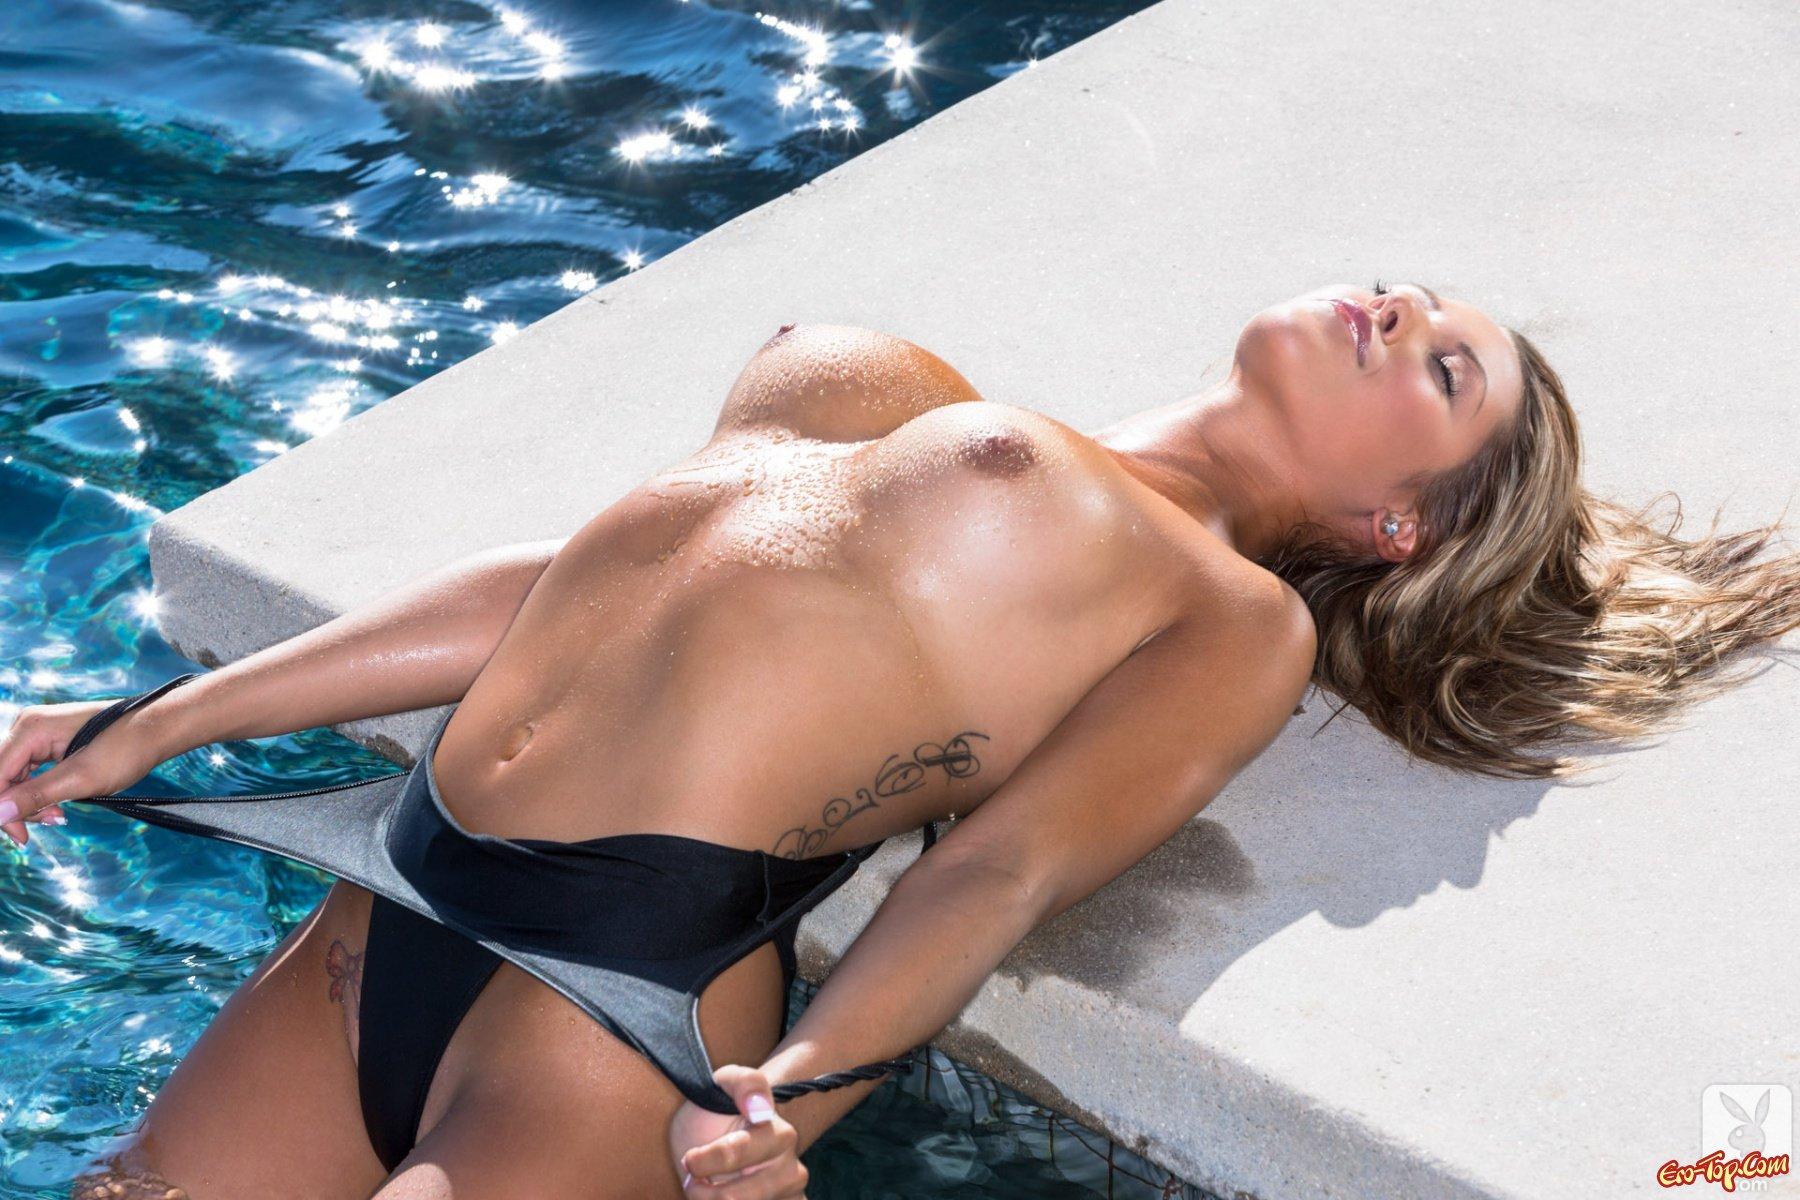 приносило красивые фото обнаженных девушек в купальниках и без была невысокого